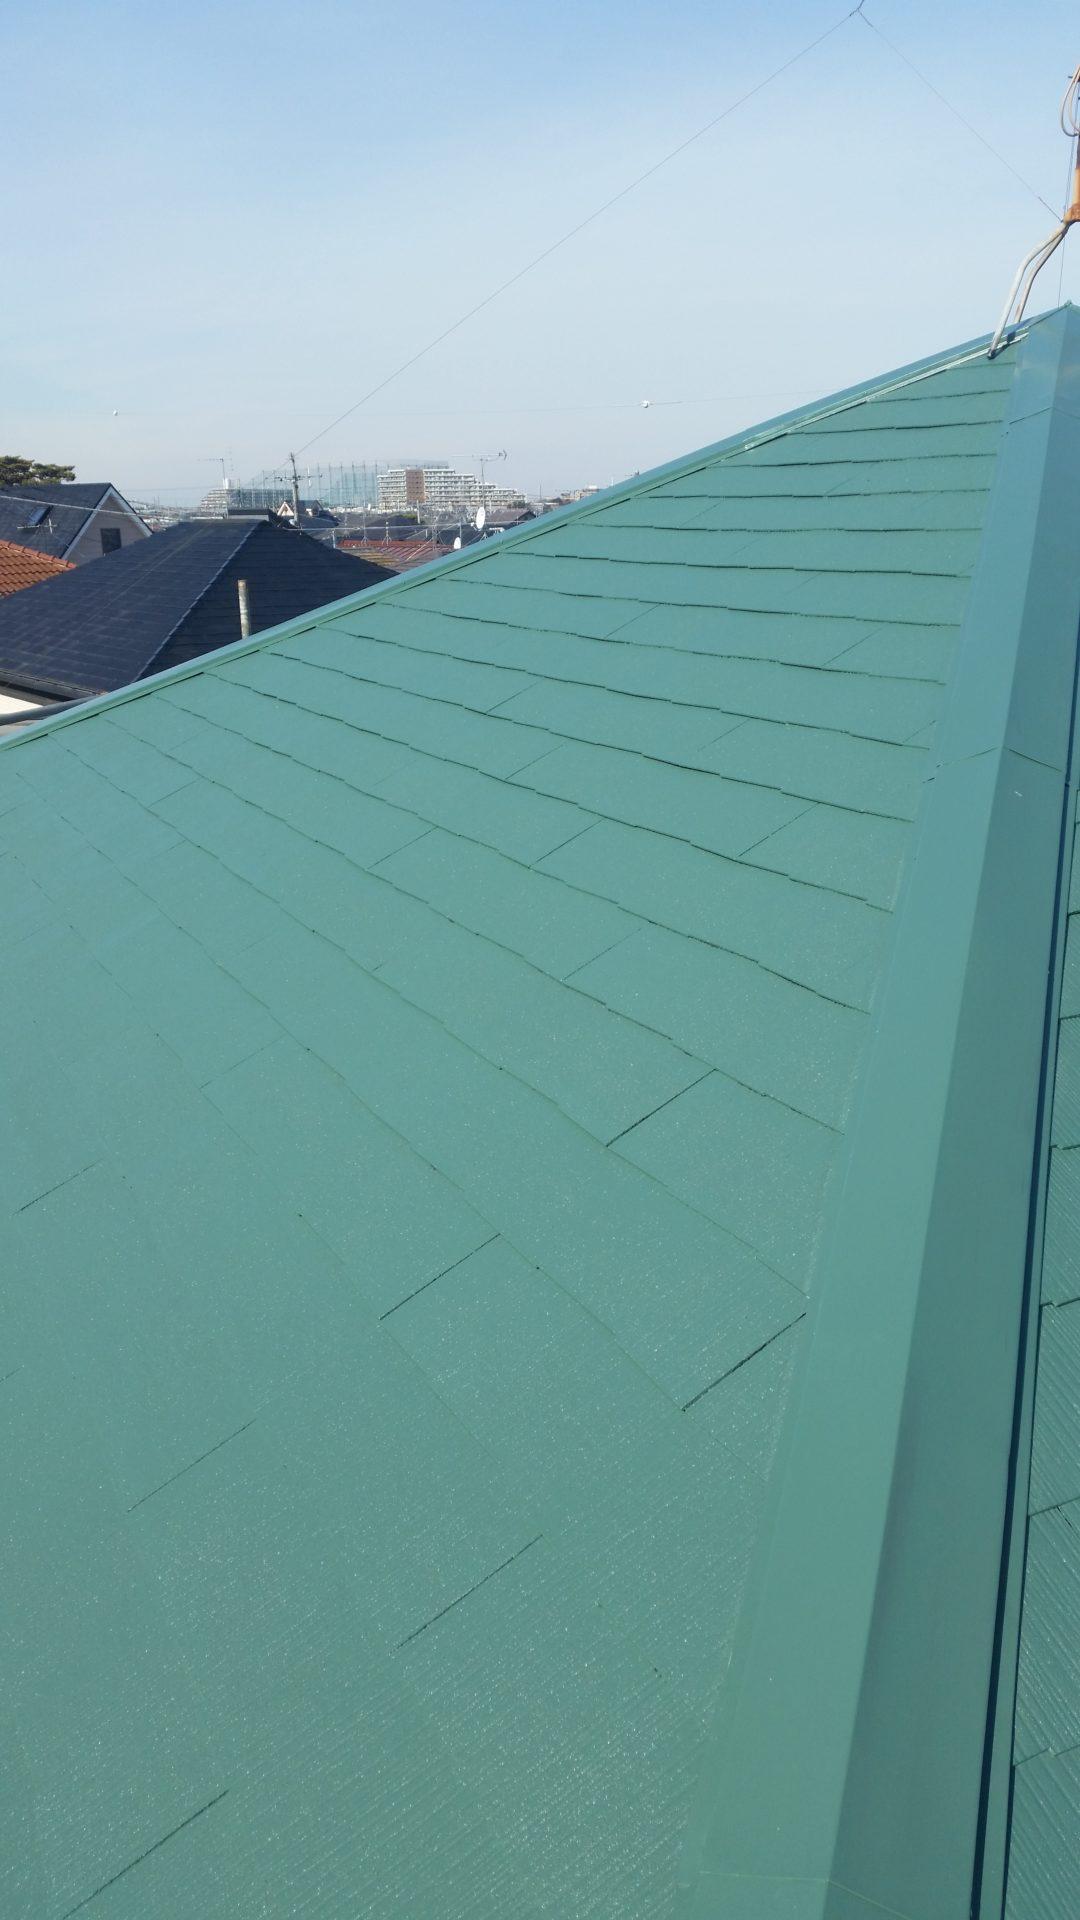 静岡県富士市 屋根塗装工事 屋根塗装完成写真